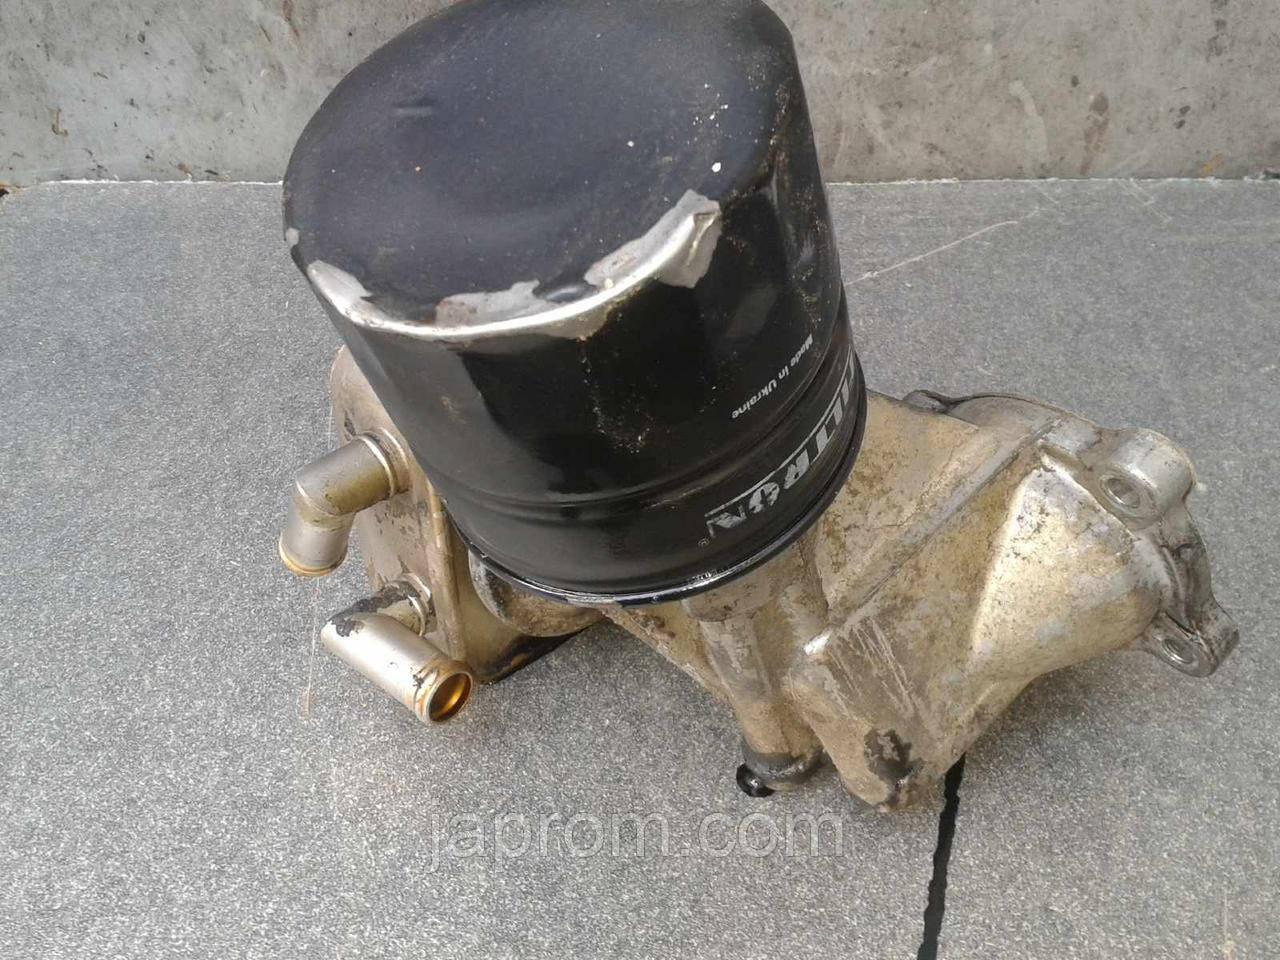 Теплообменник системы смазки Nissan Vanette Serena C23 1994-2001г.в. LD23